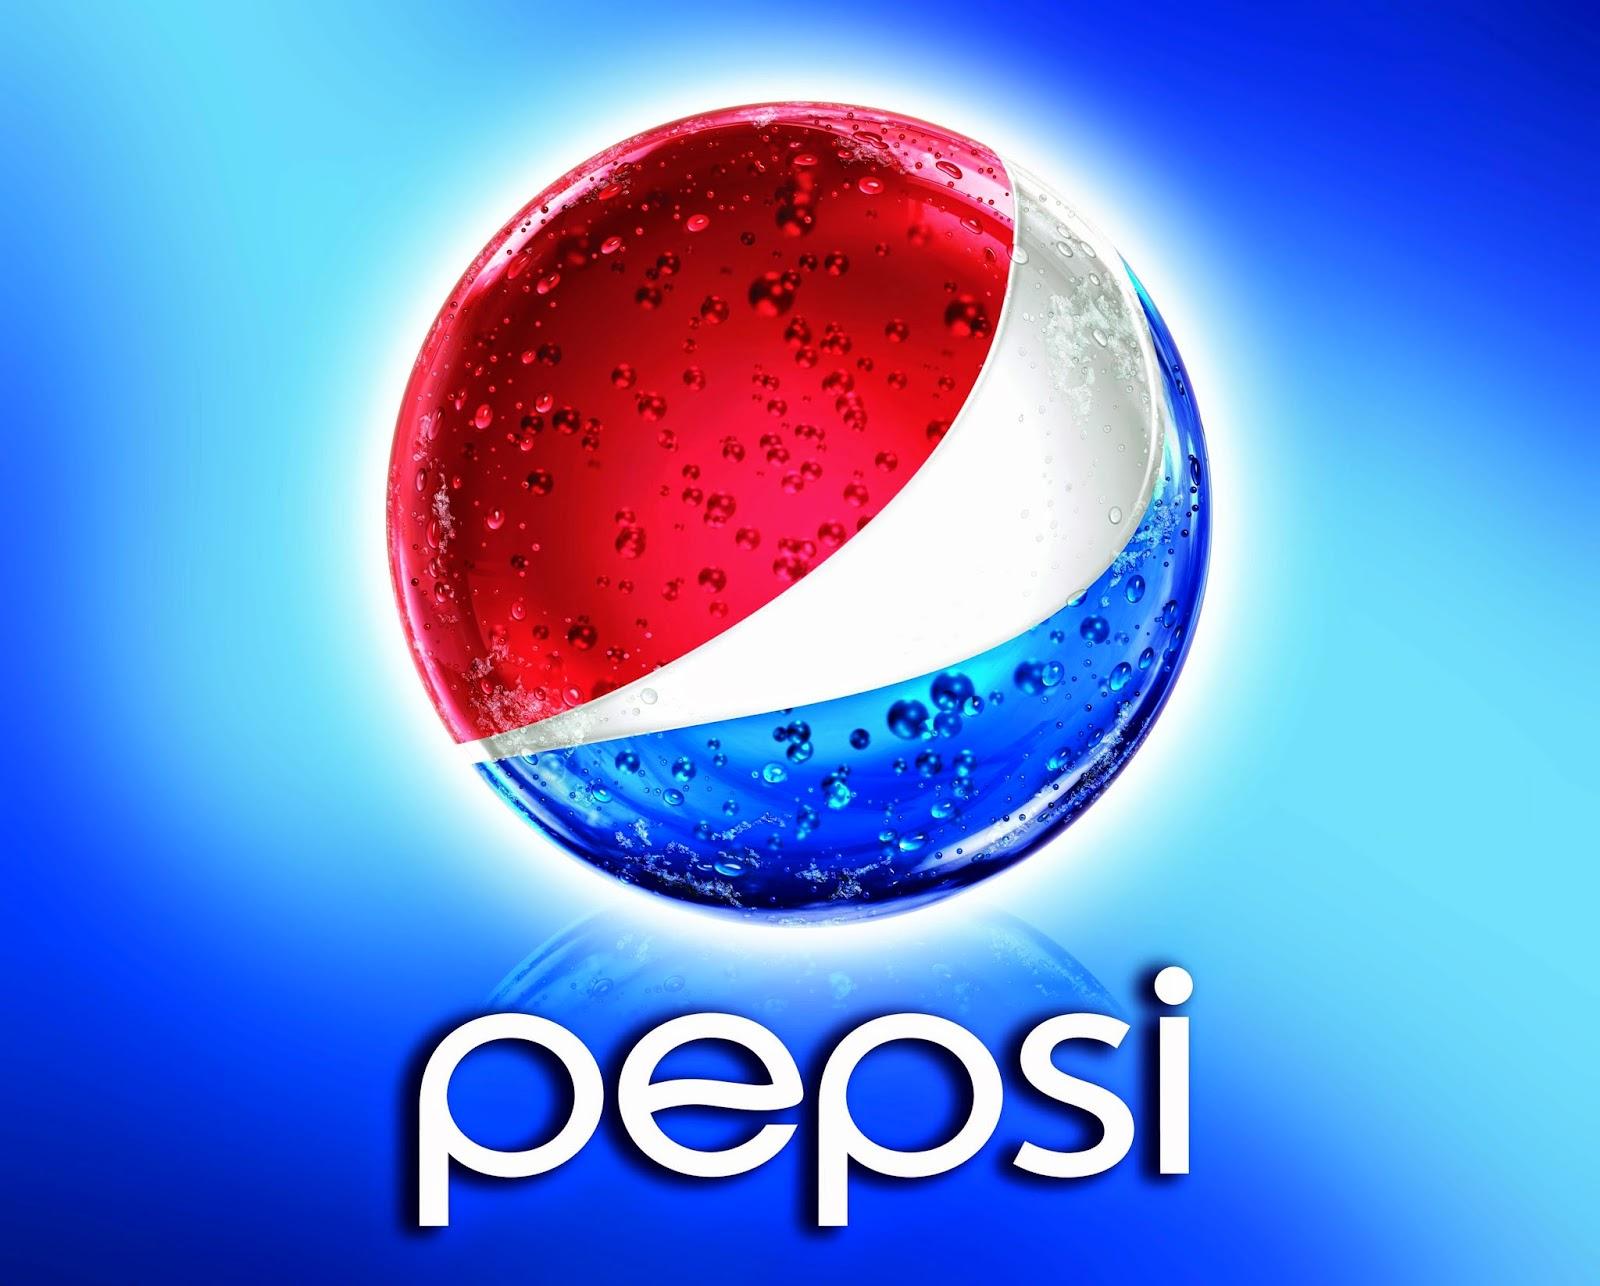 TarunSpeaks: Market Analysis of Pepsi to regain its position